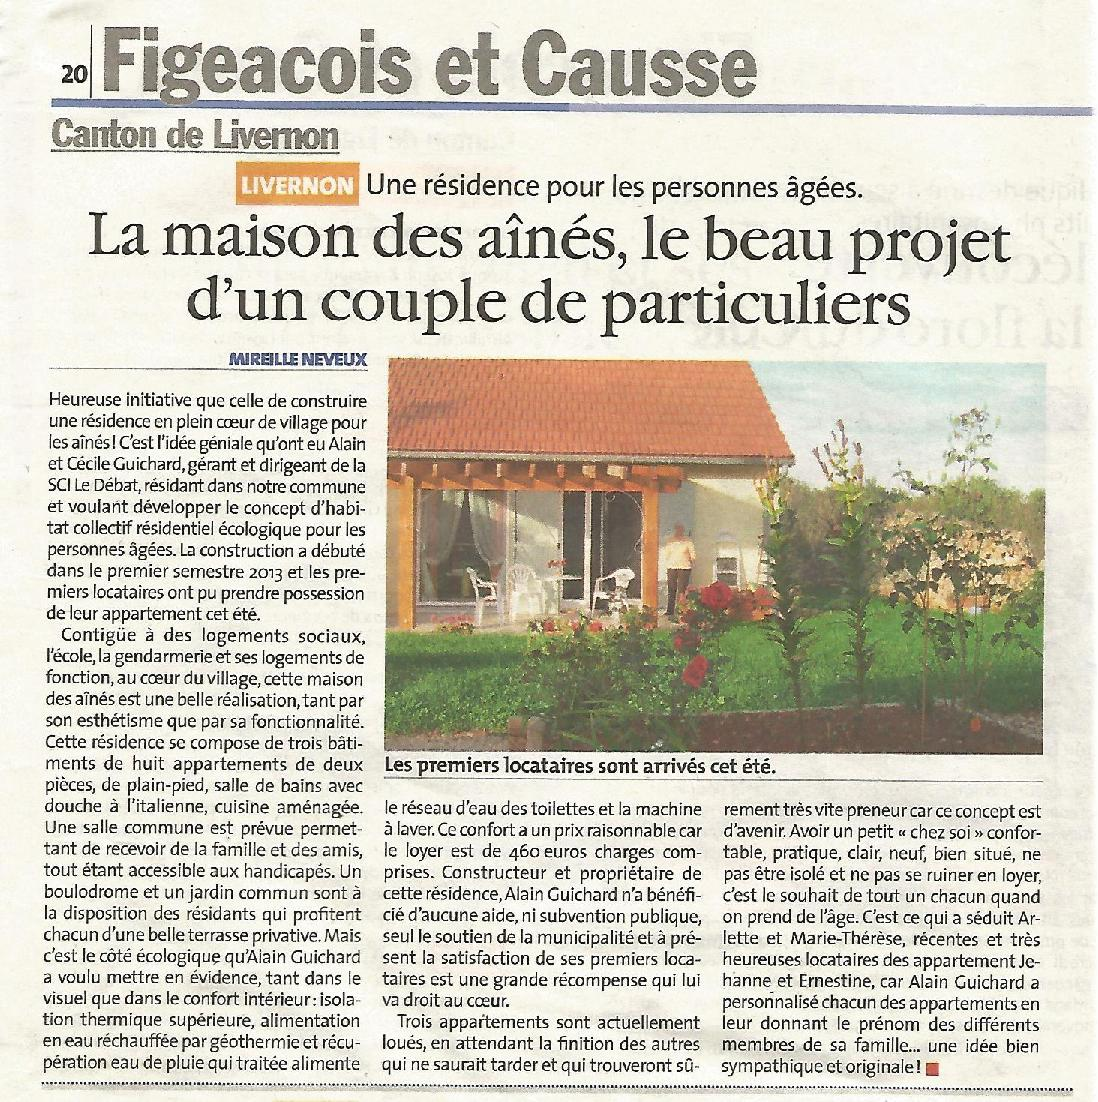 Site maison des aines article lvq octobre 2014